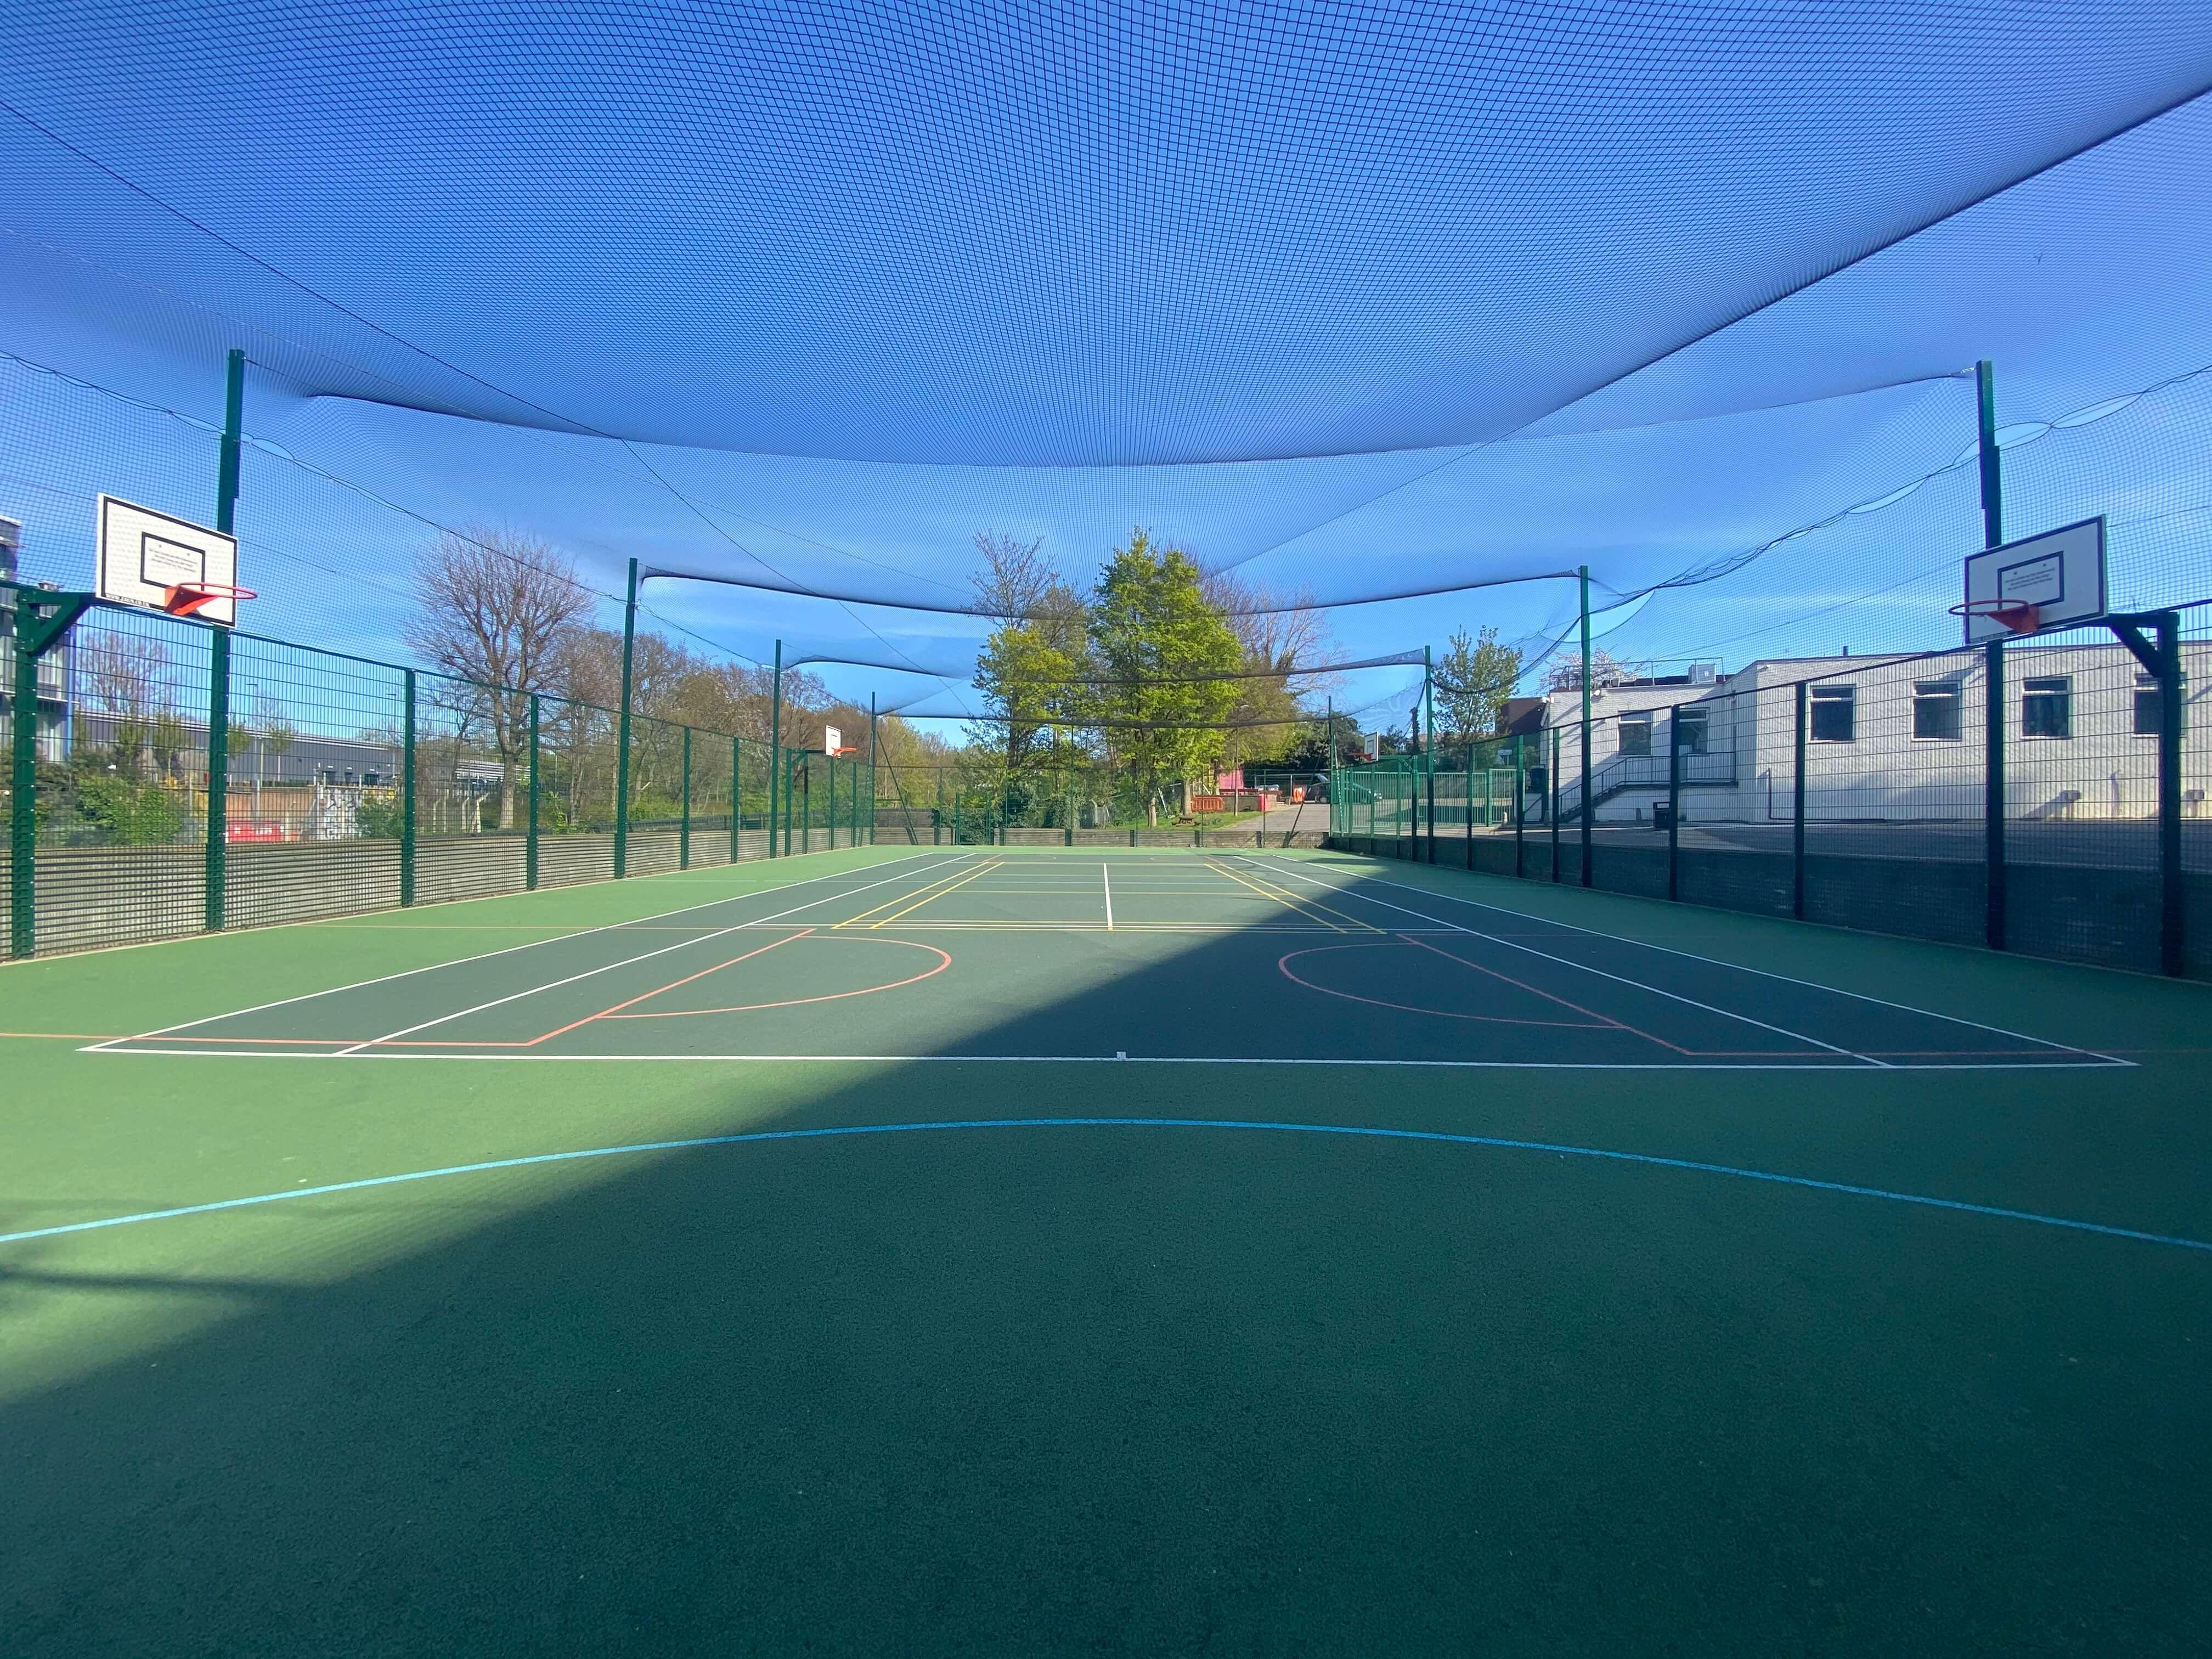 North London Grammar School Outdoor Space